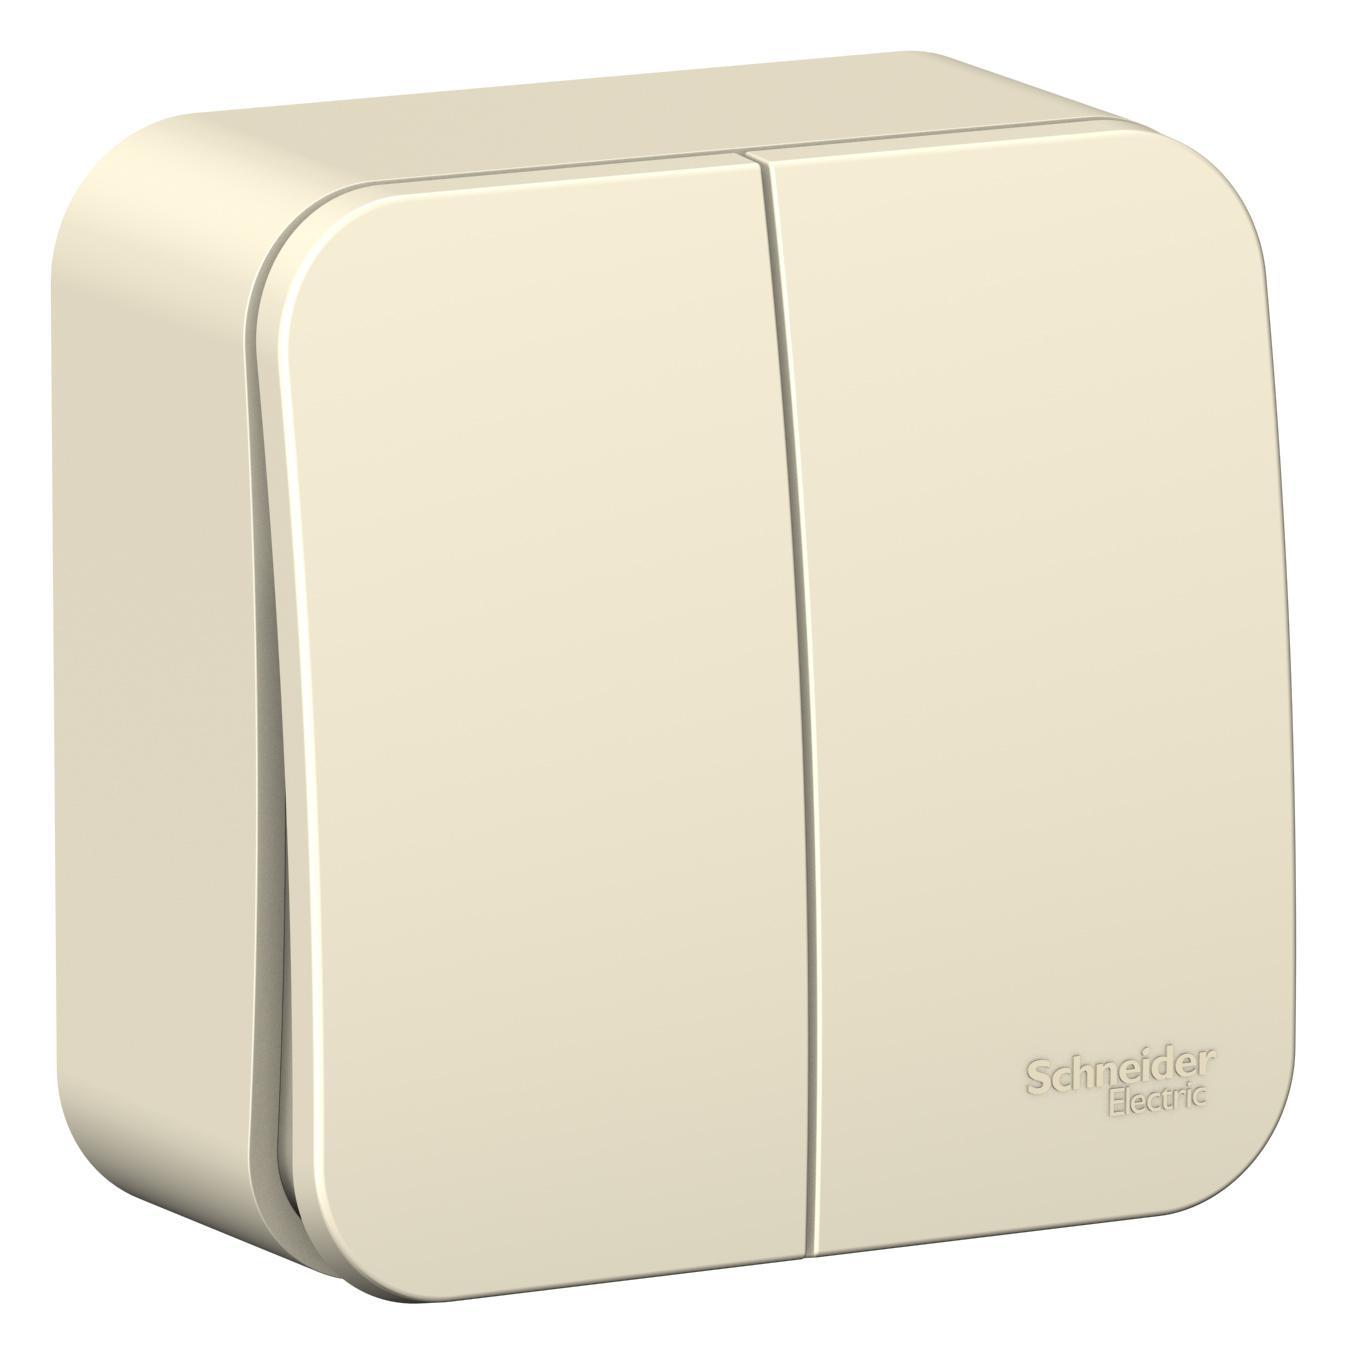 Выключатель Schneider electric Blnva105012 blanca выключатель schneider electric blnva101013 blanca